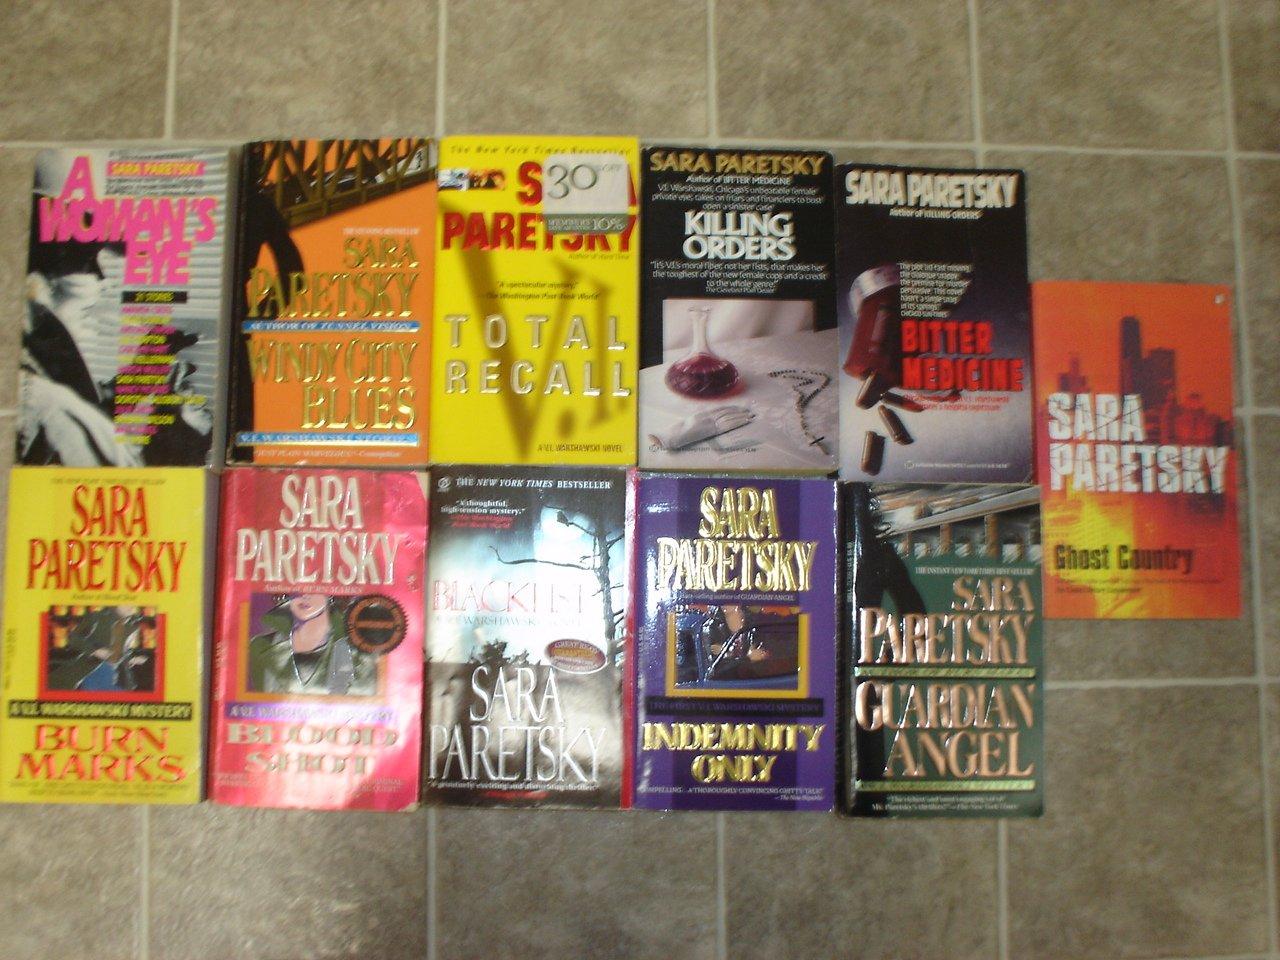 Sara Paretsky lot of 11 pb mystery novels books V.I. Warshawski